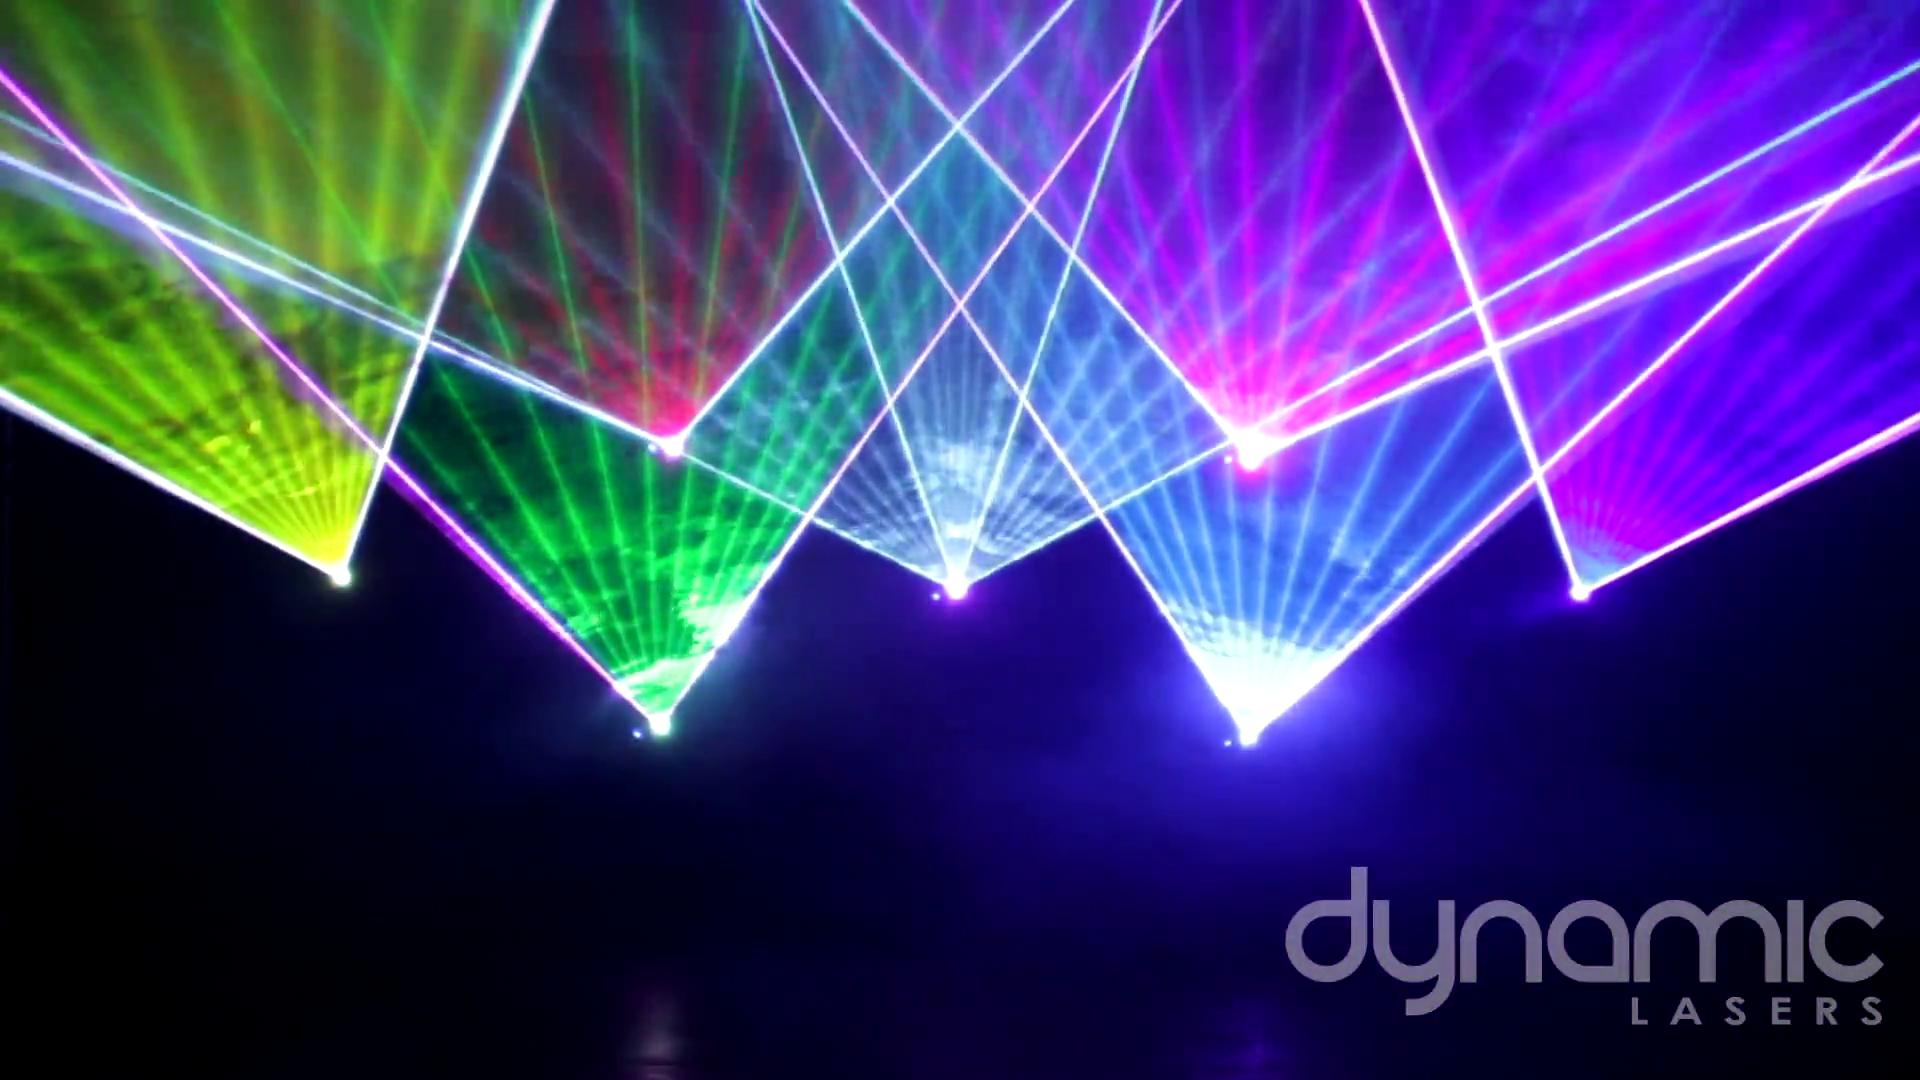 Mind Games - award winning custom laser